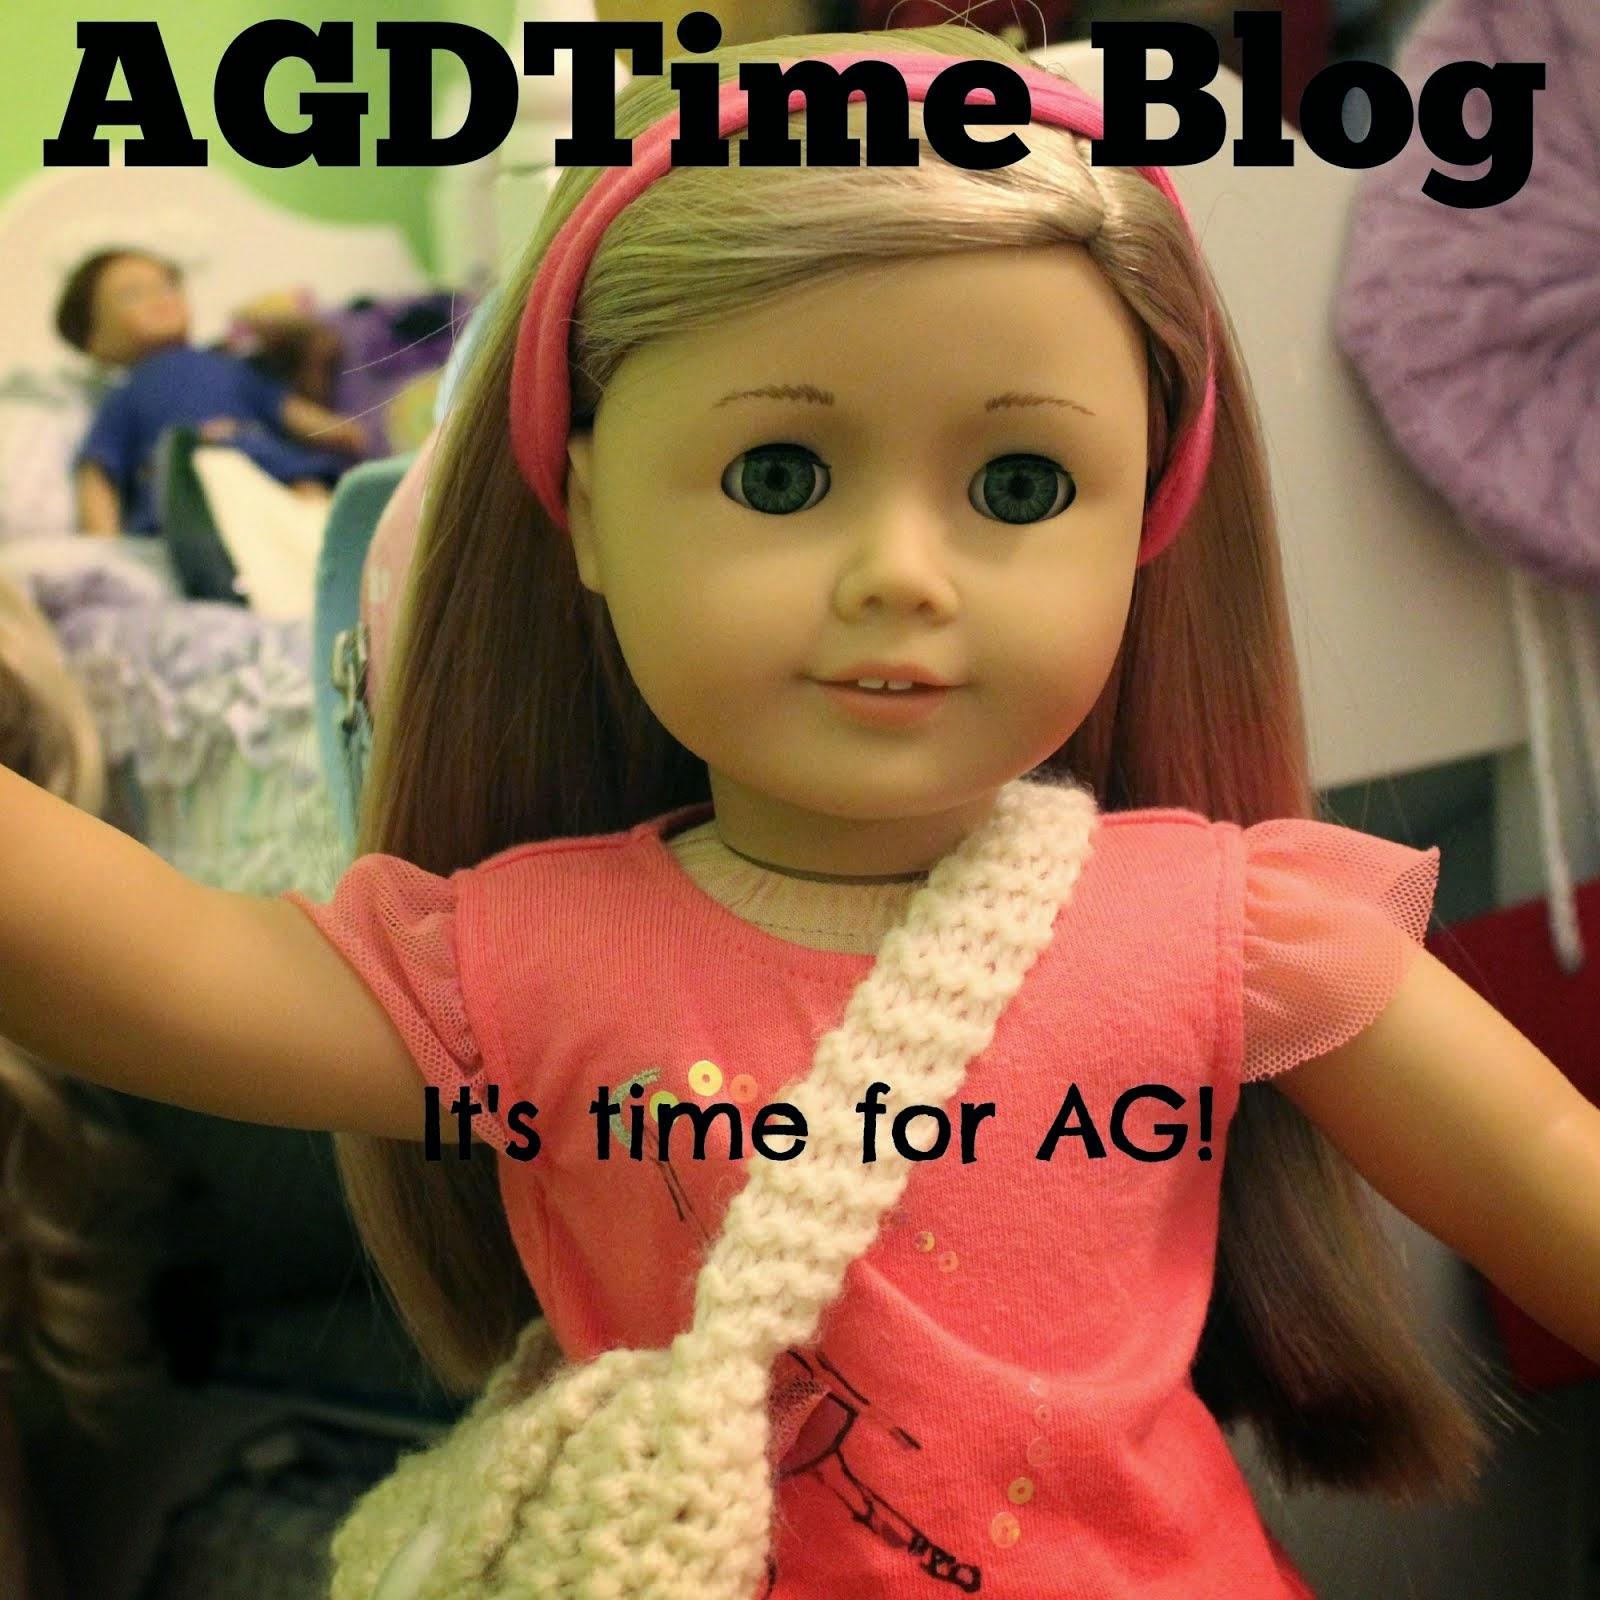 AGDTime